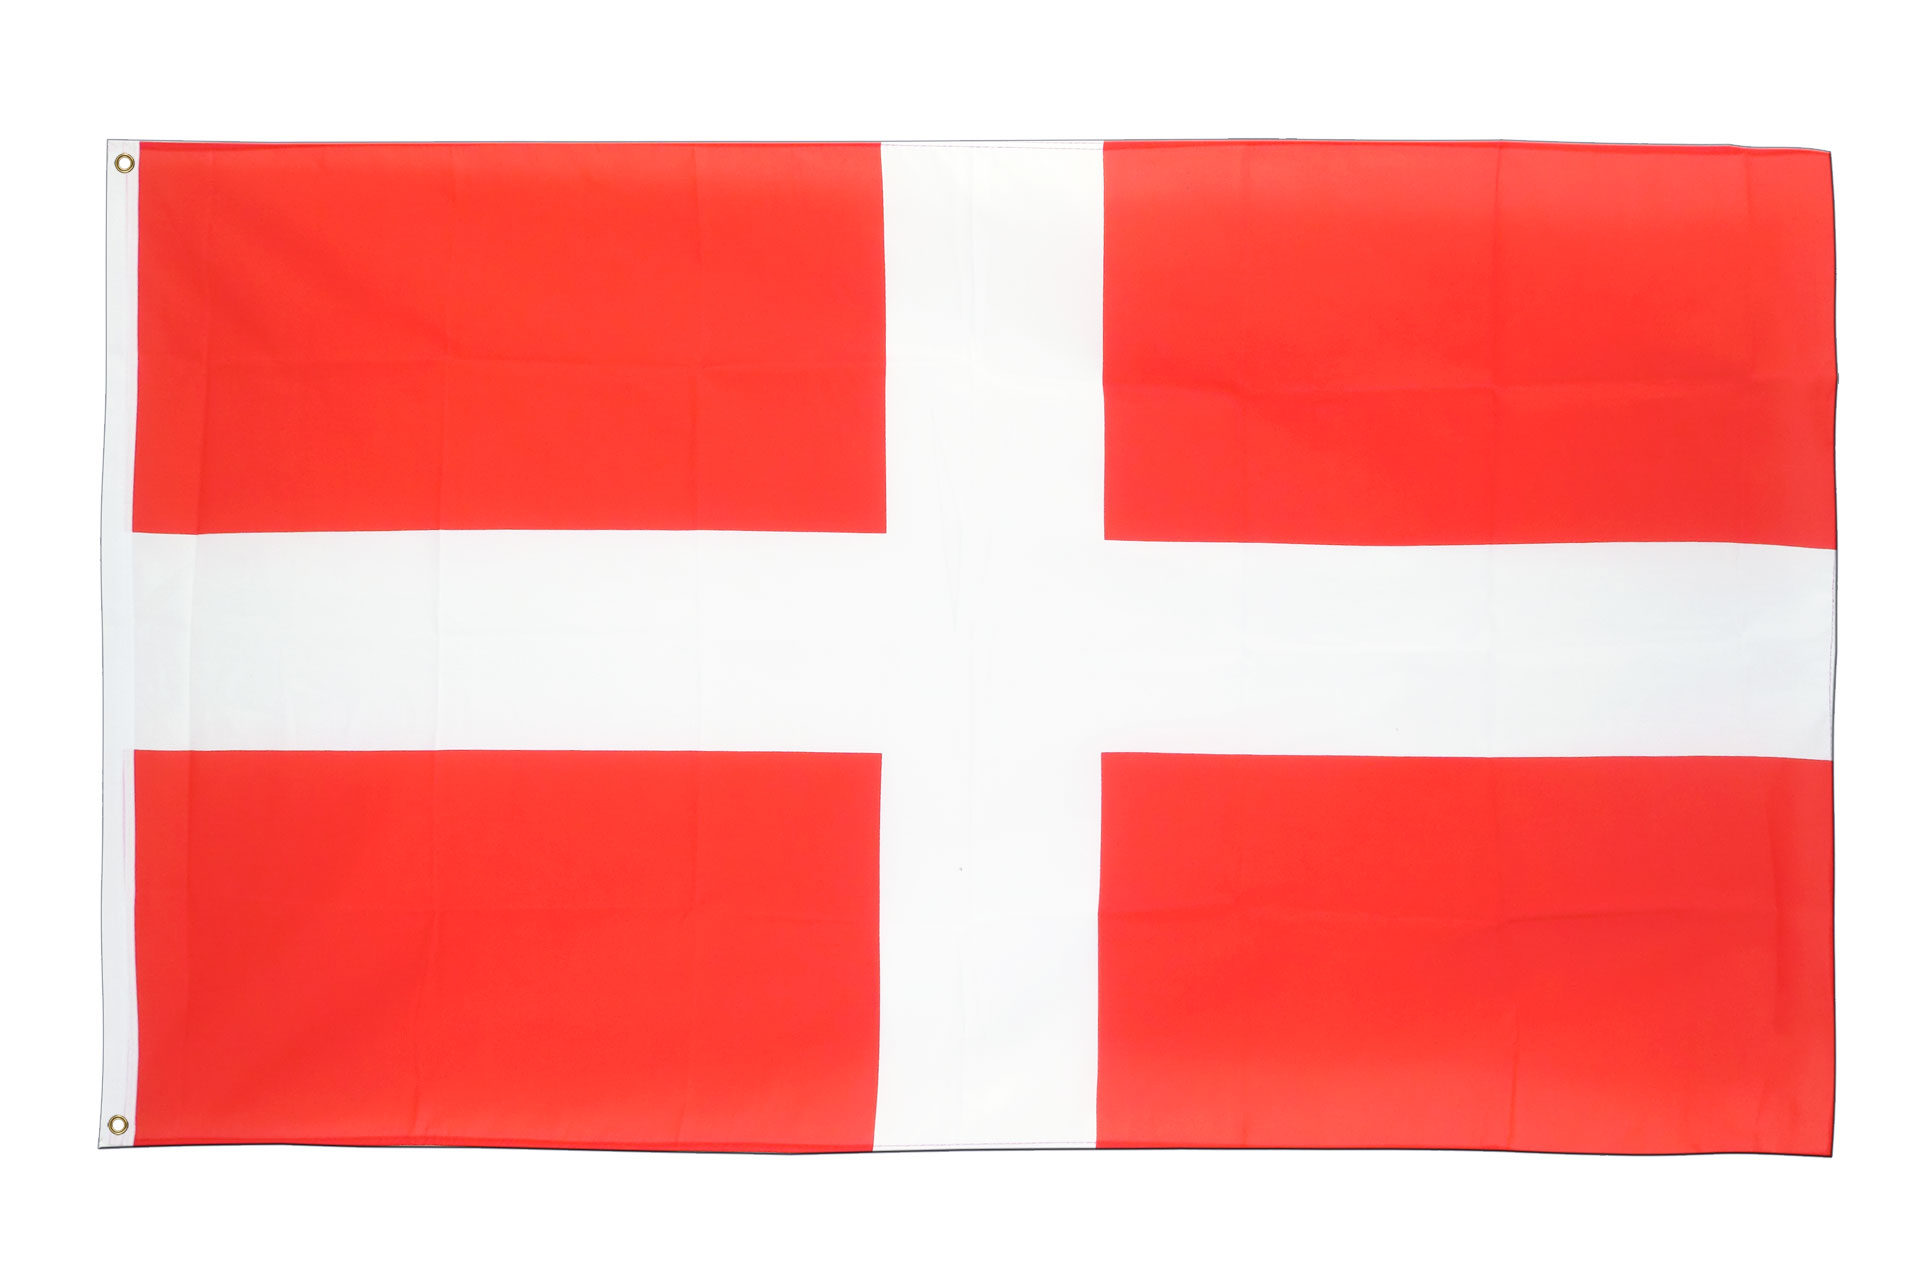 Drapeau savoyard pas cher 60 x 90 cm monsieur des drapeaux for Drapeau publicitaire exterieur pas cher